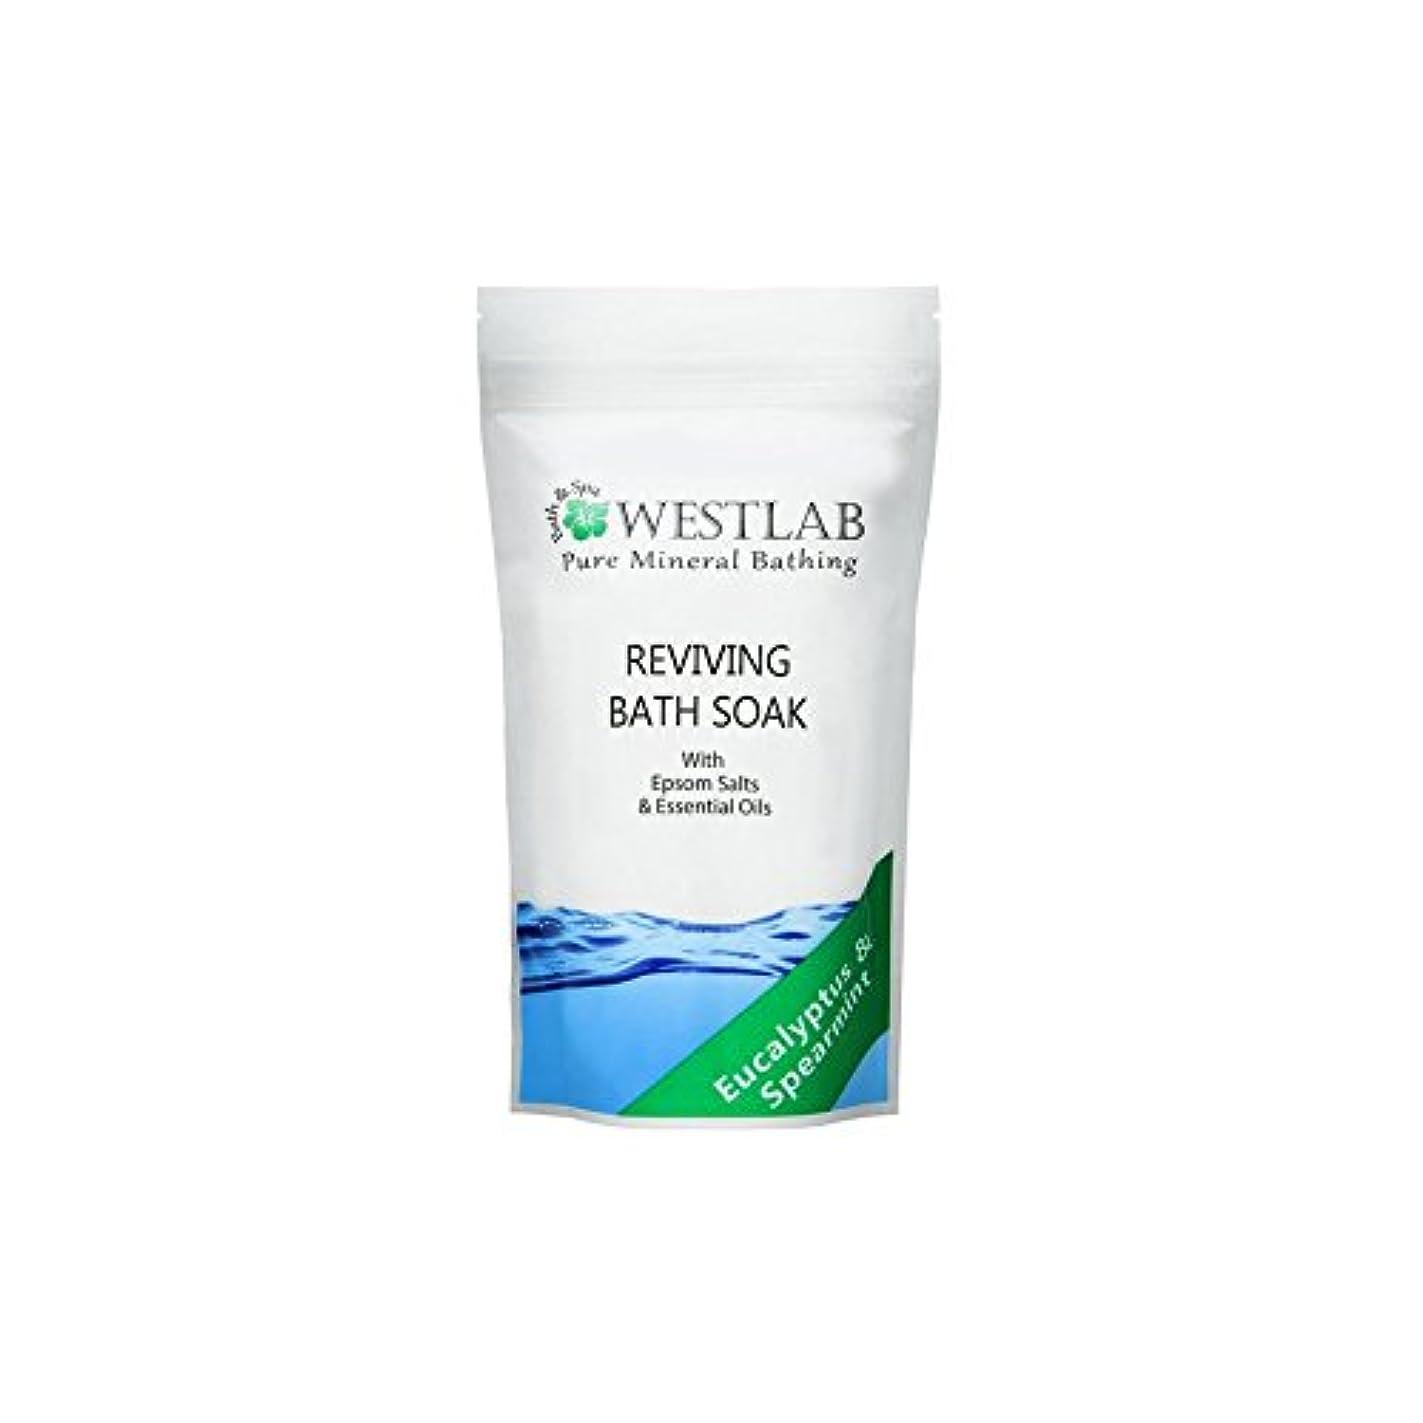 寮重さ薄いです(500グラム)をソークエプソム塩浴を復活させます x2 - Westlab Revive Epsom Salt Bath Soak (500g) (Pack of 2) [並行輸入品]